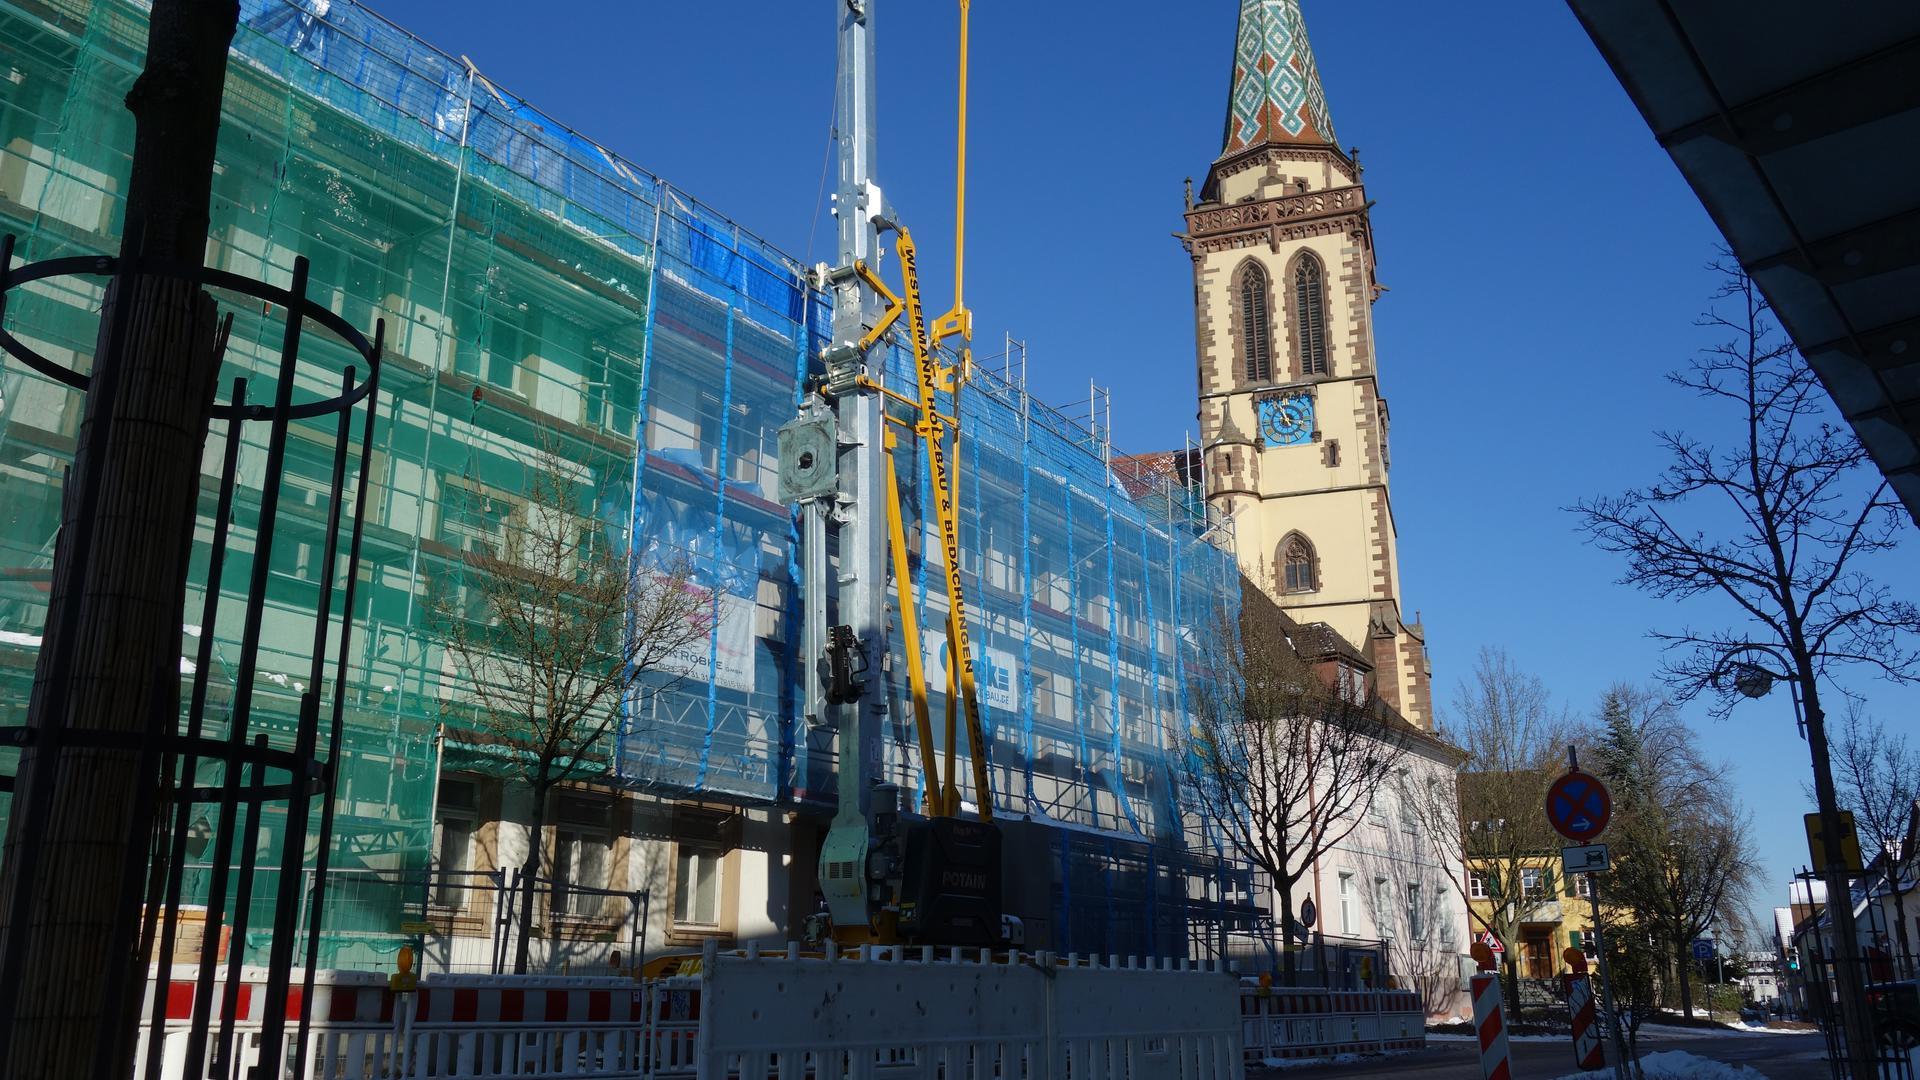 Sanierung am Dach: Die Renovierung des denkmalgeschützten Gebäudes im Ortskern läuft. Danach folgen die angrenzende Kirchstraße und links des Gebäudes der kleine Vinzenz-Park.